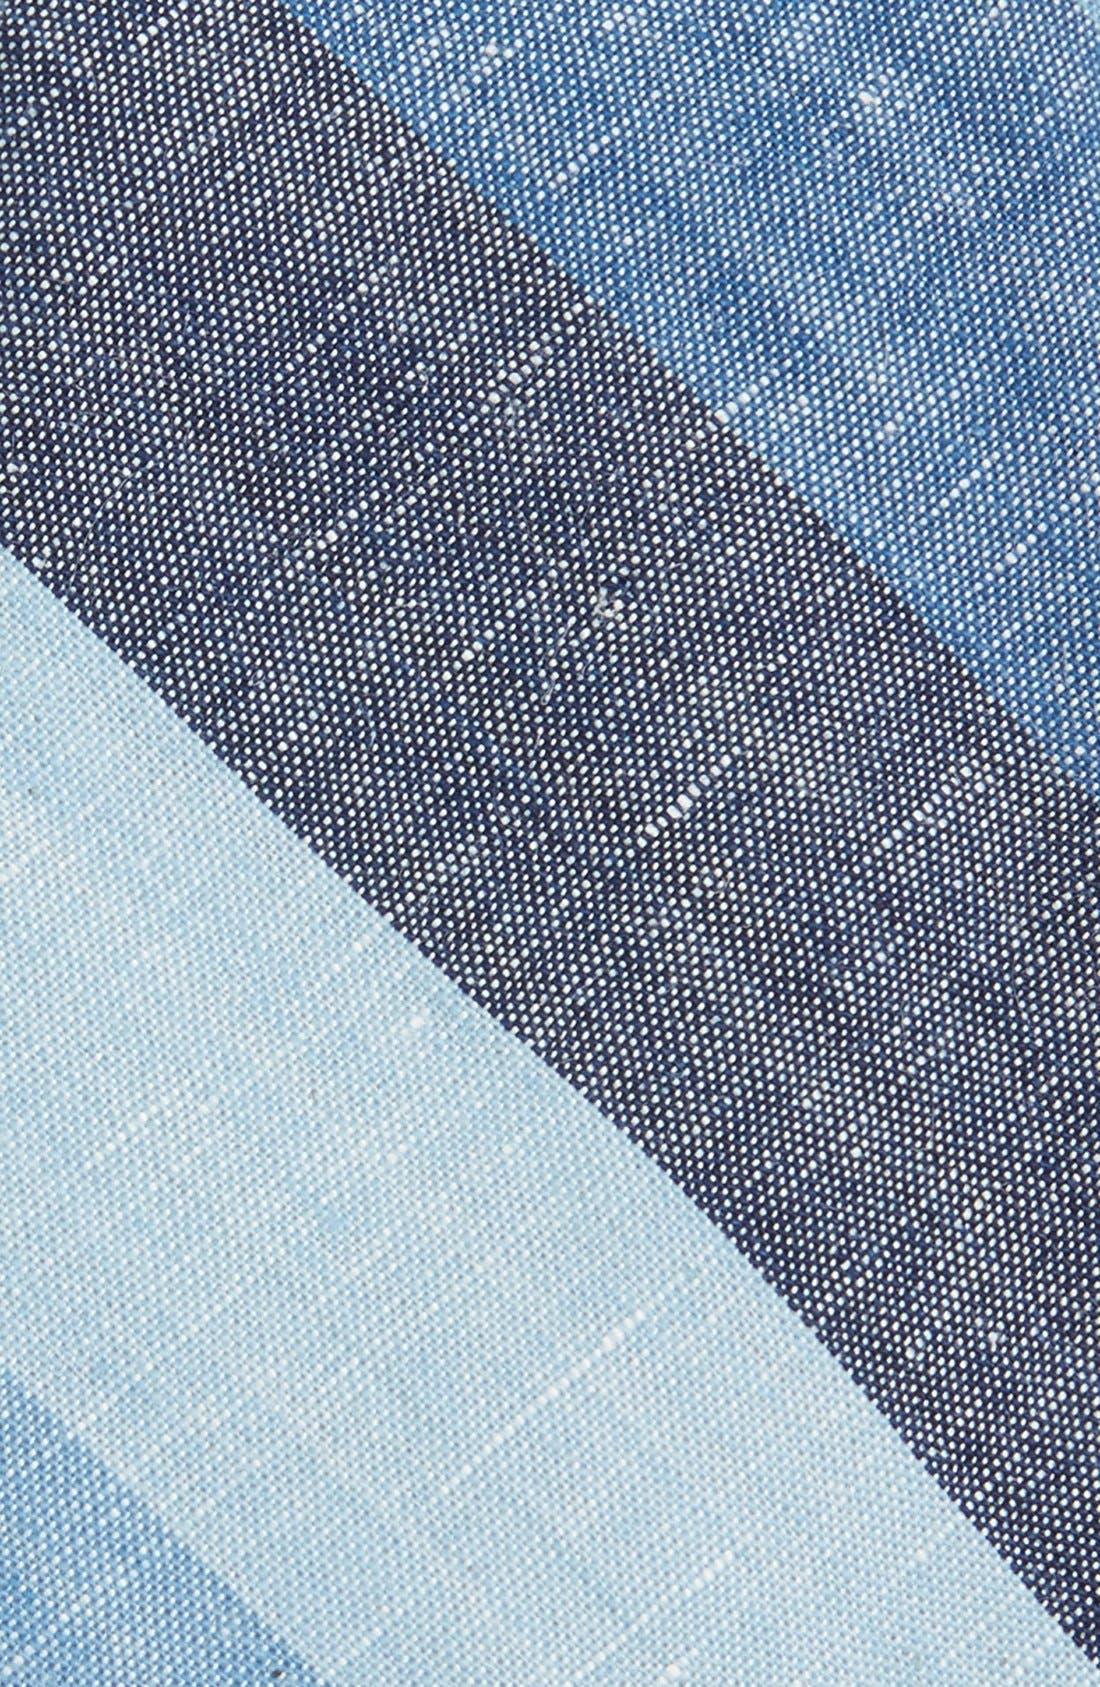 Alternate Image 2  - rag & bone Stripe Tie